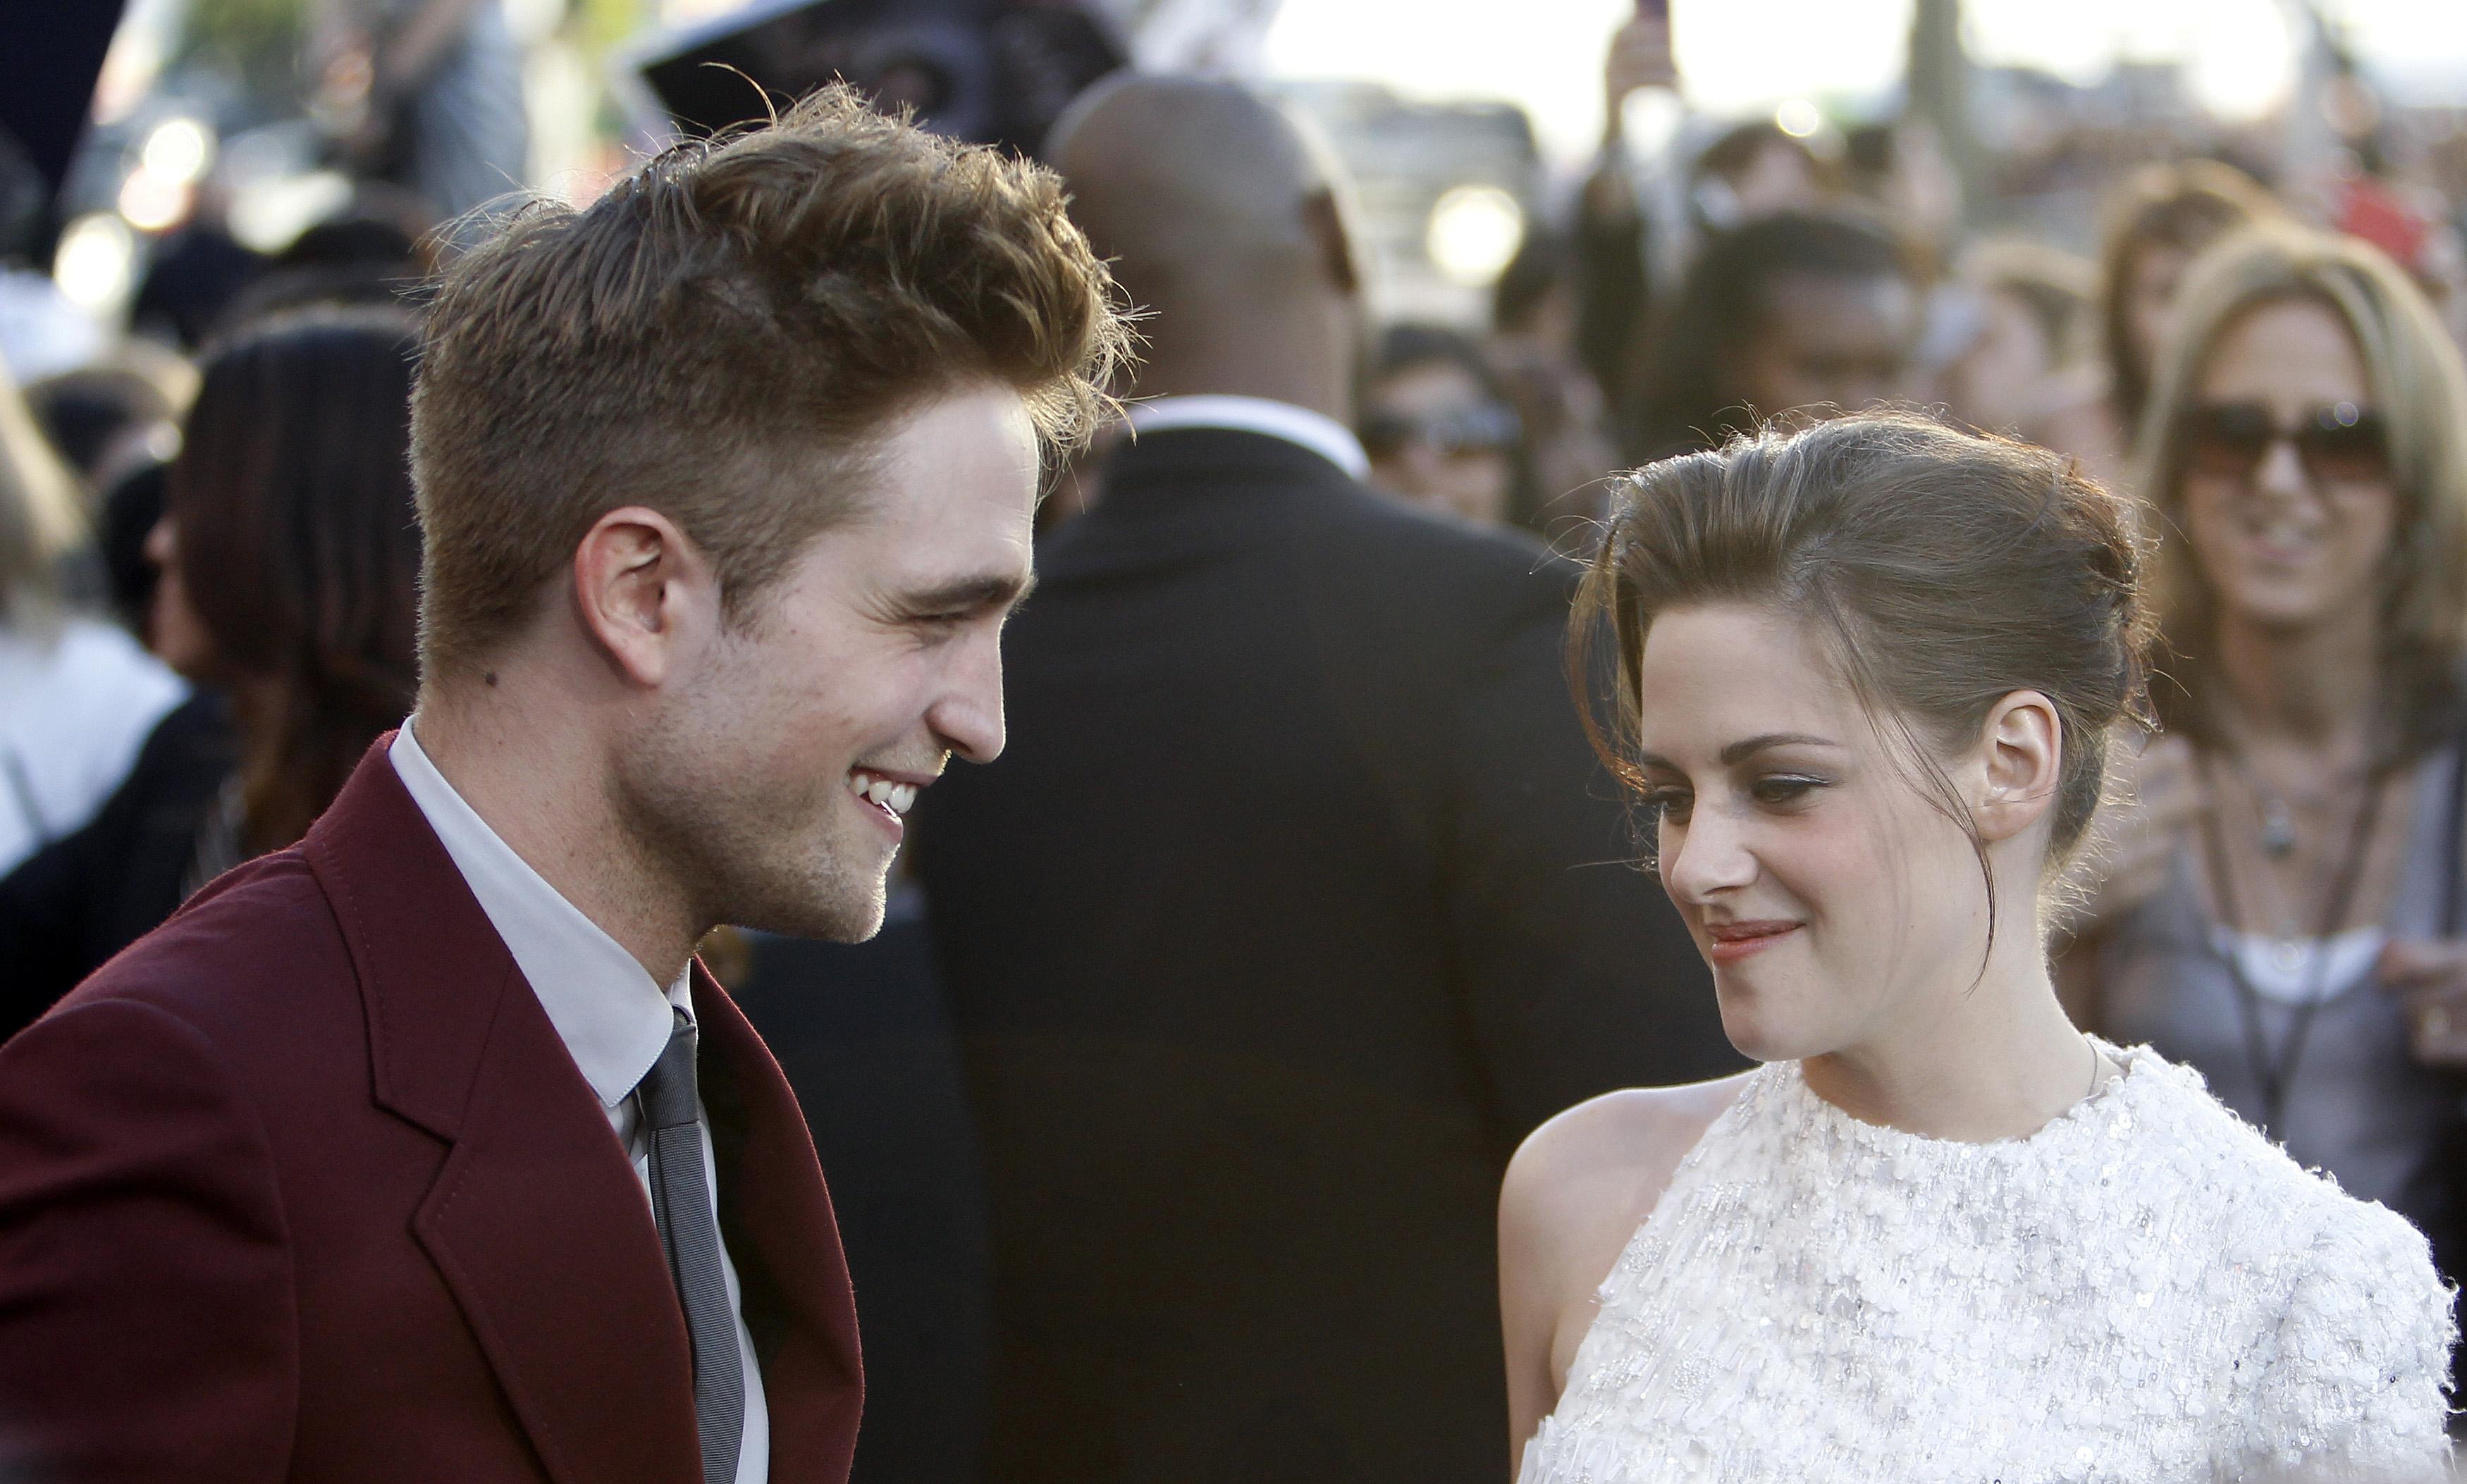 Download this Robert Pattinson And Kristen Stewart picture